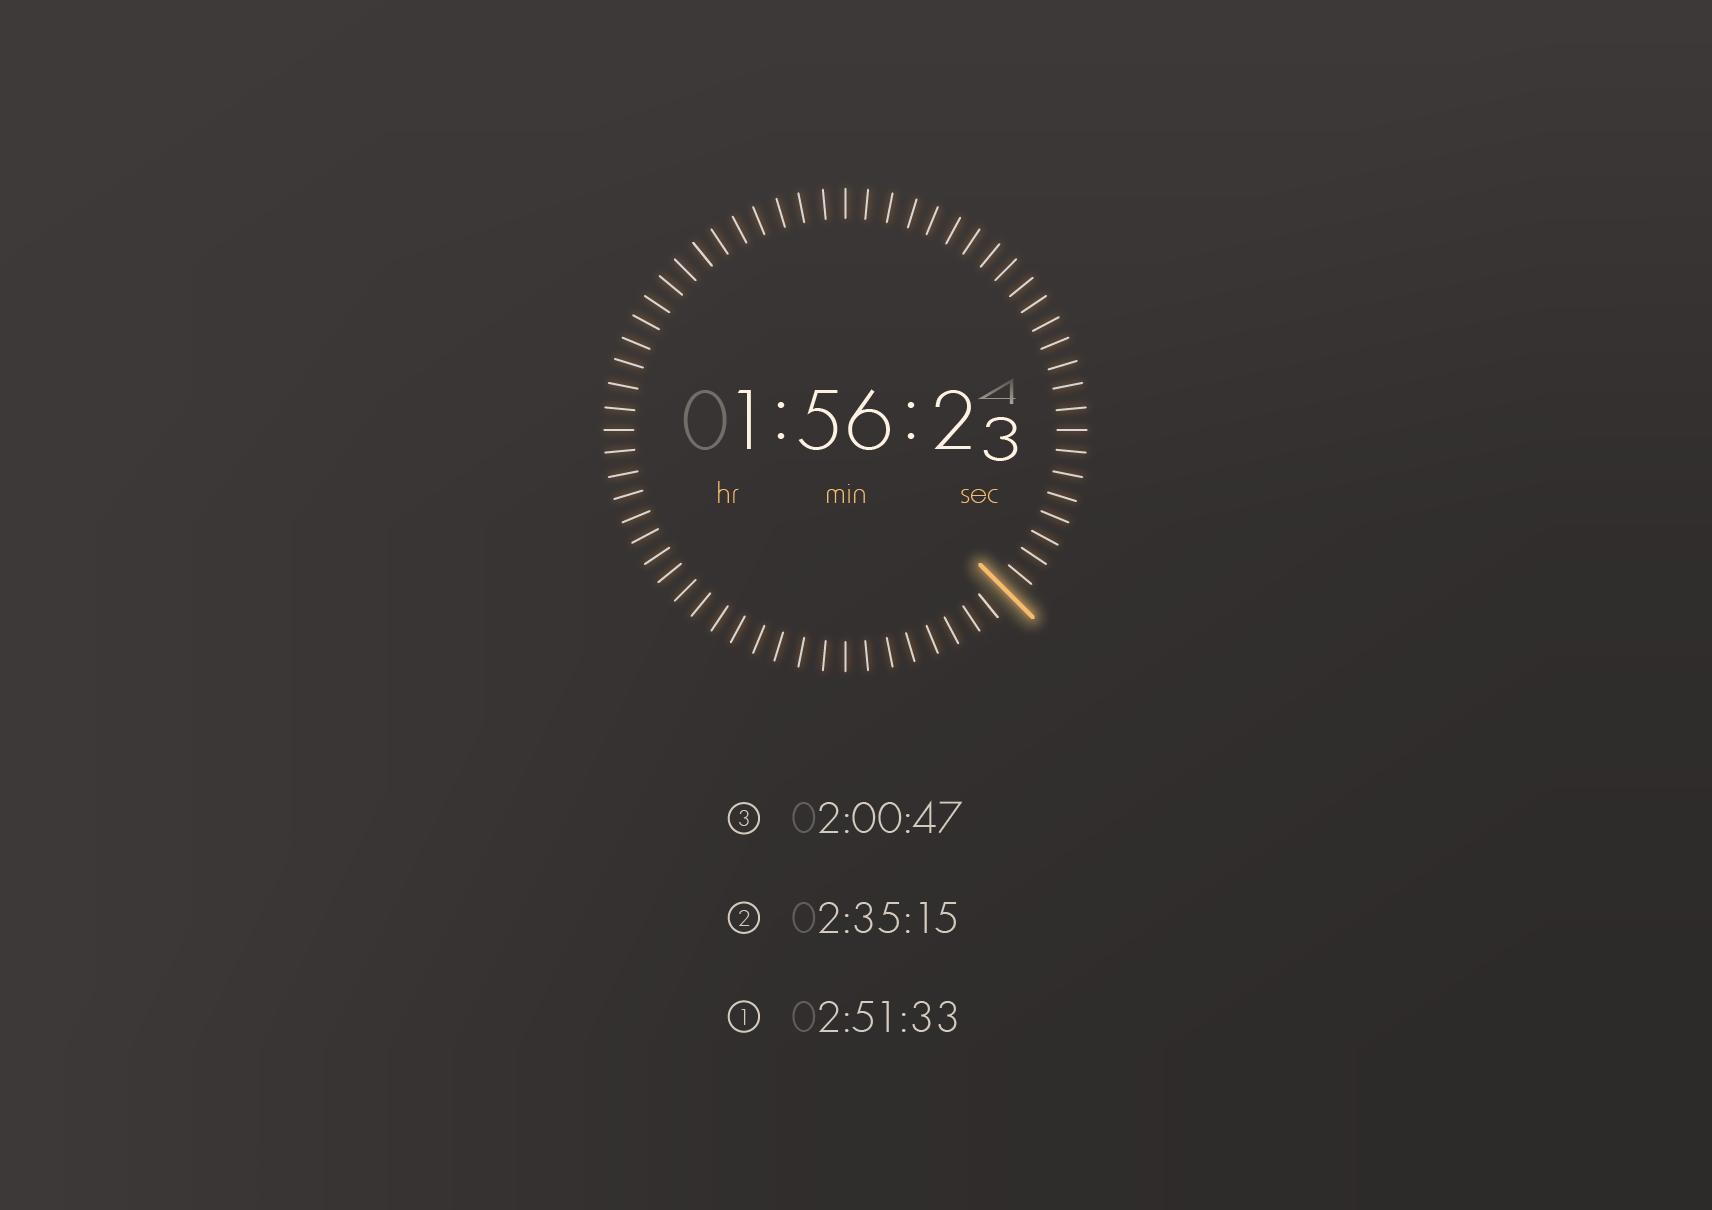 #03梯 #day14 #Countdowntimer